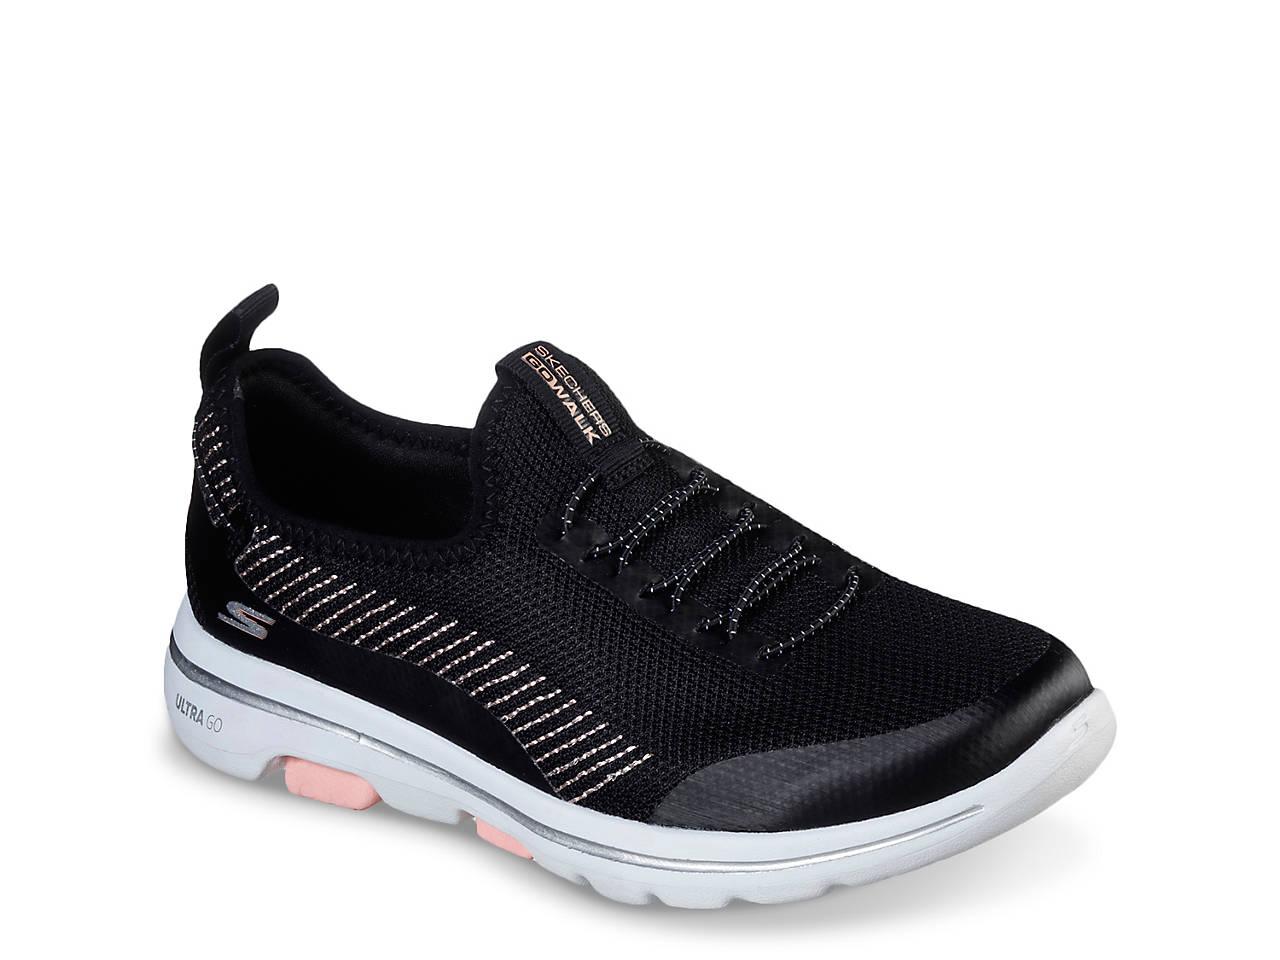 Skechers GOwalk 5 Honor Slip On Sneaker Women's Women's